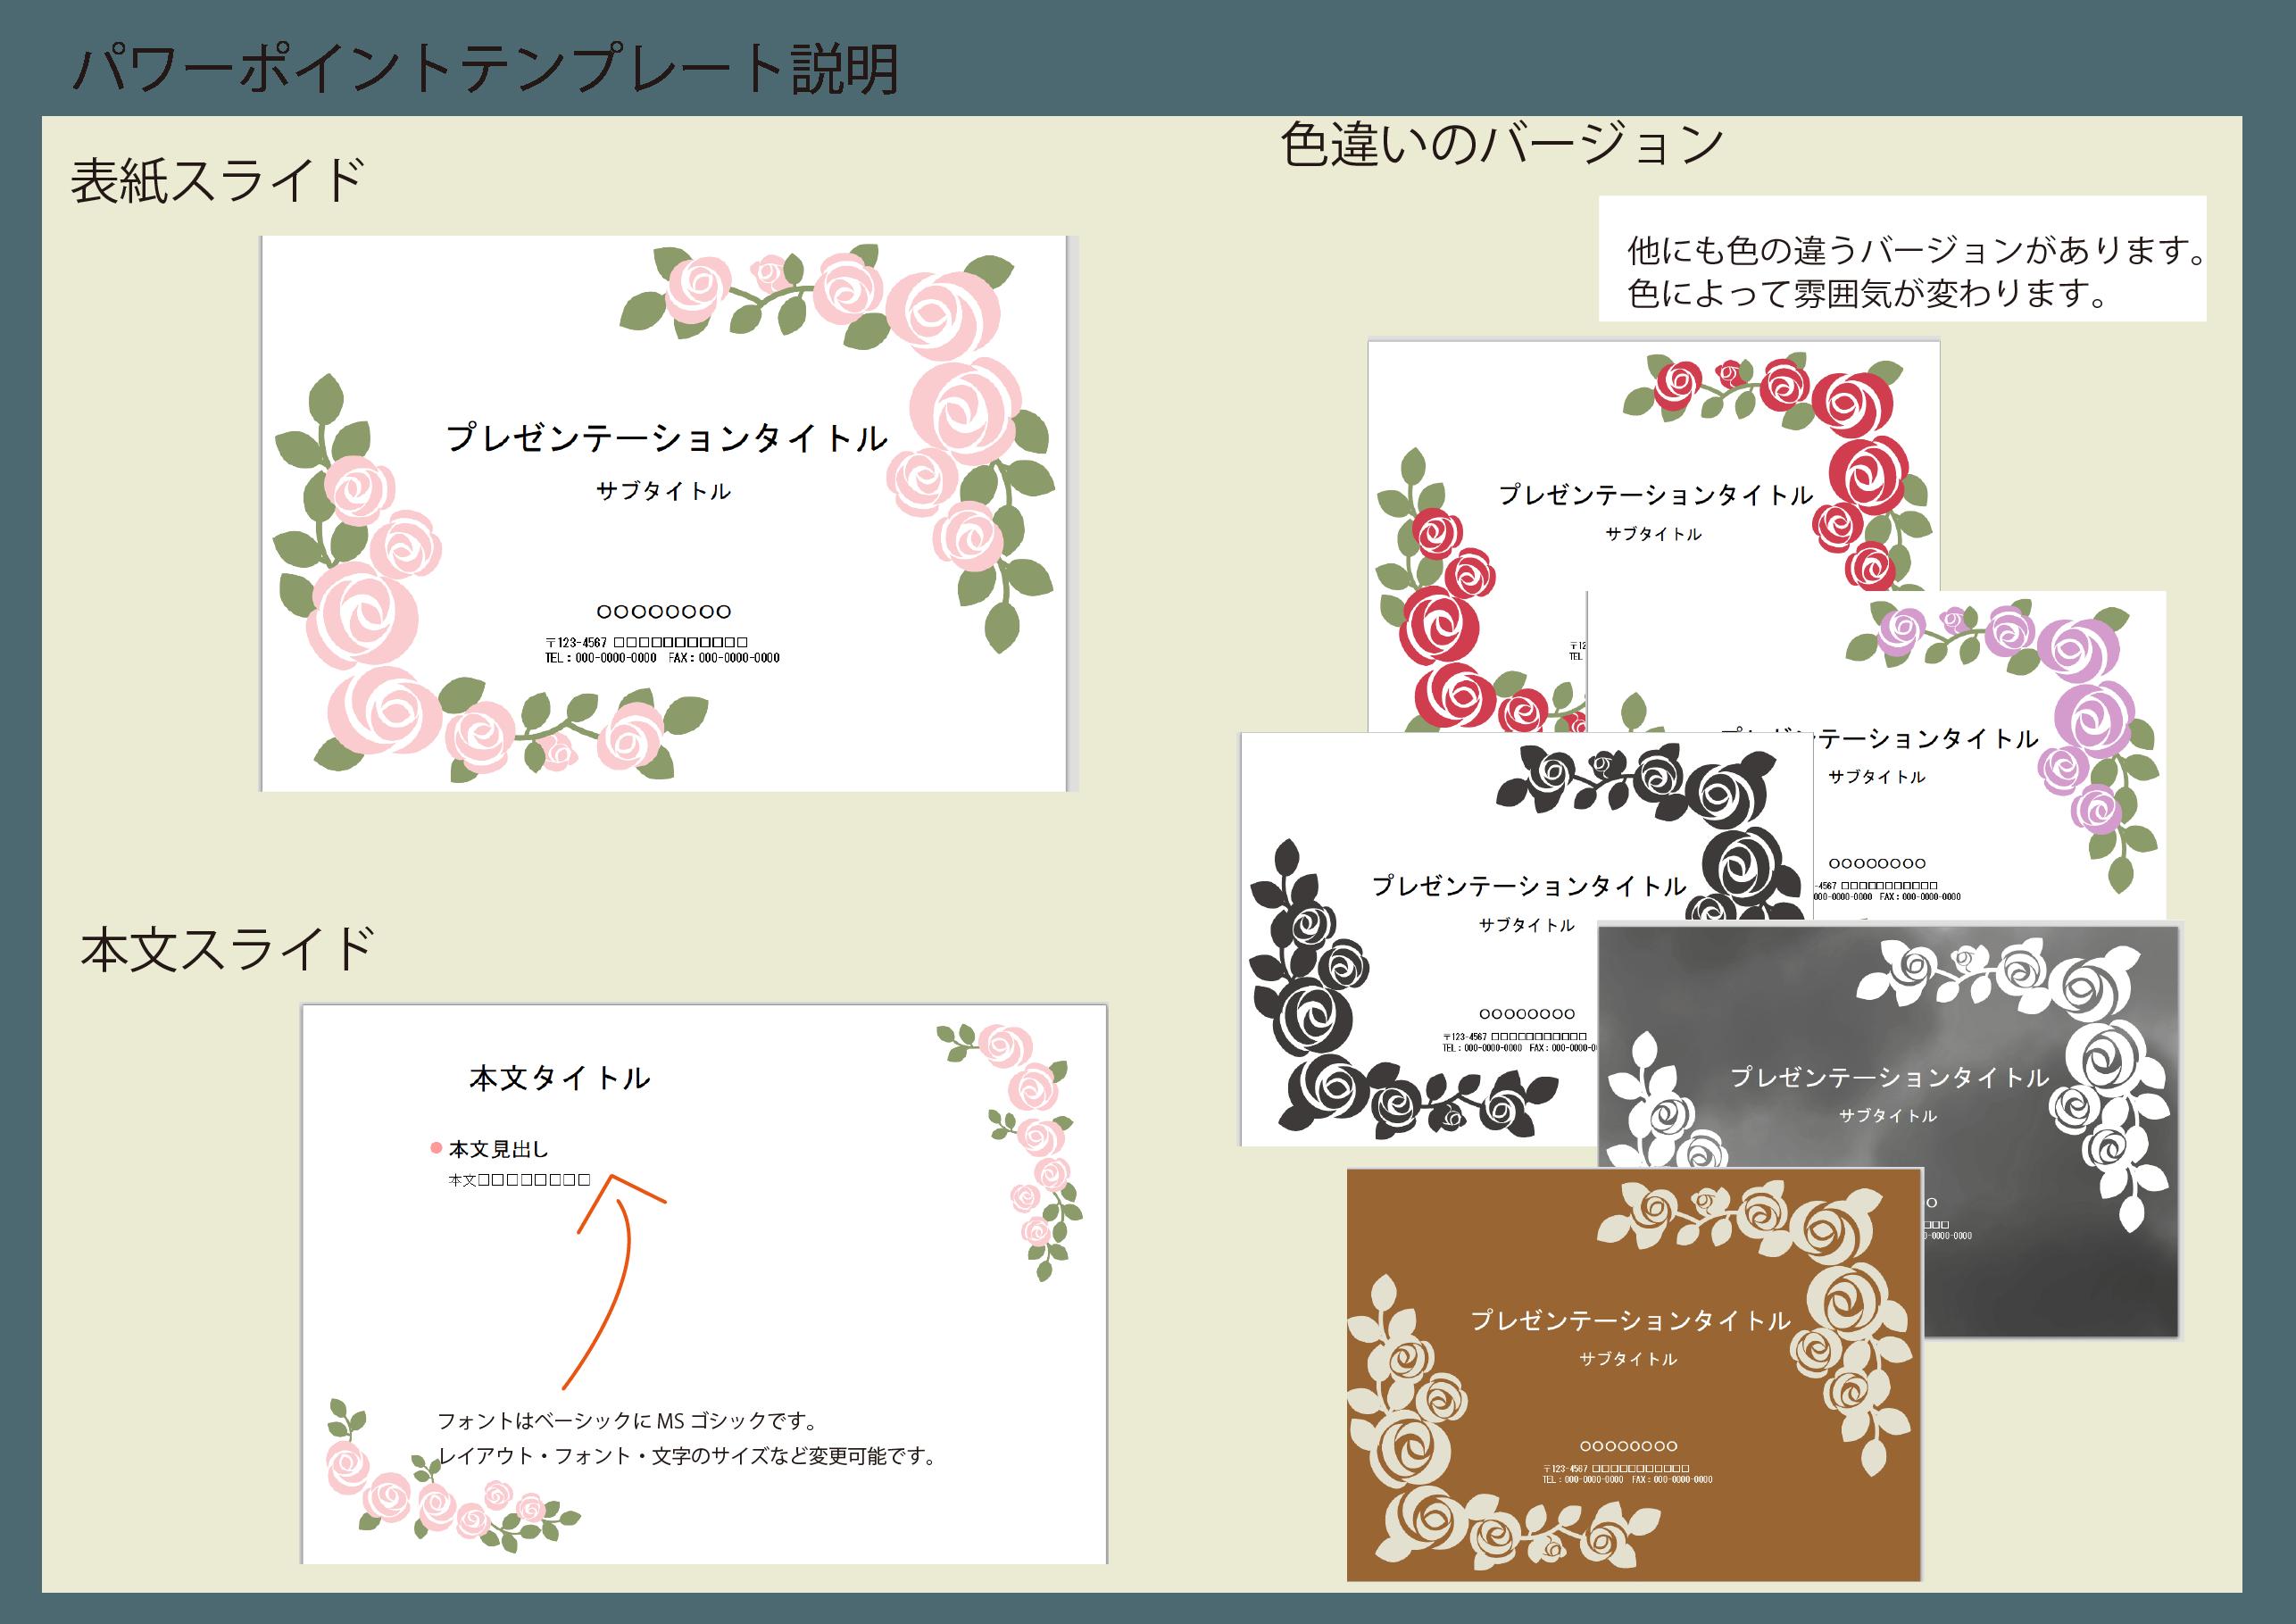 薔薇の花の背景「ブラック」の使い方